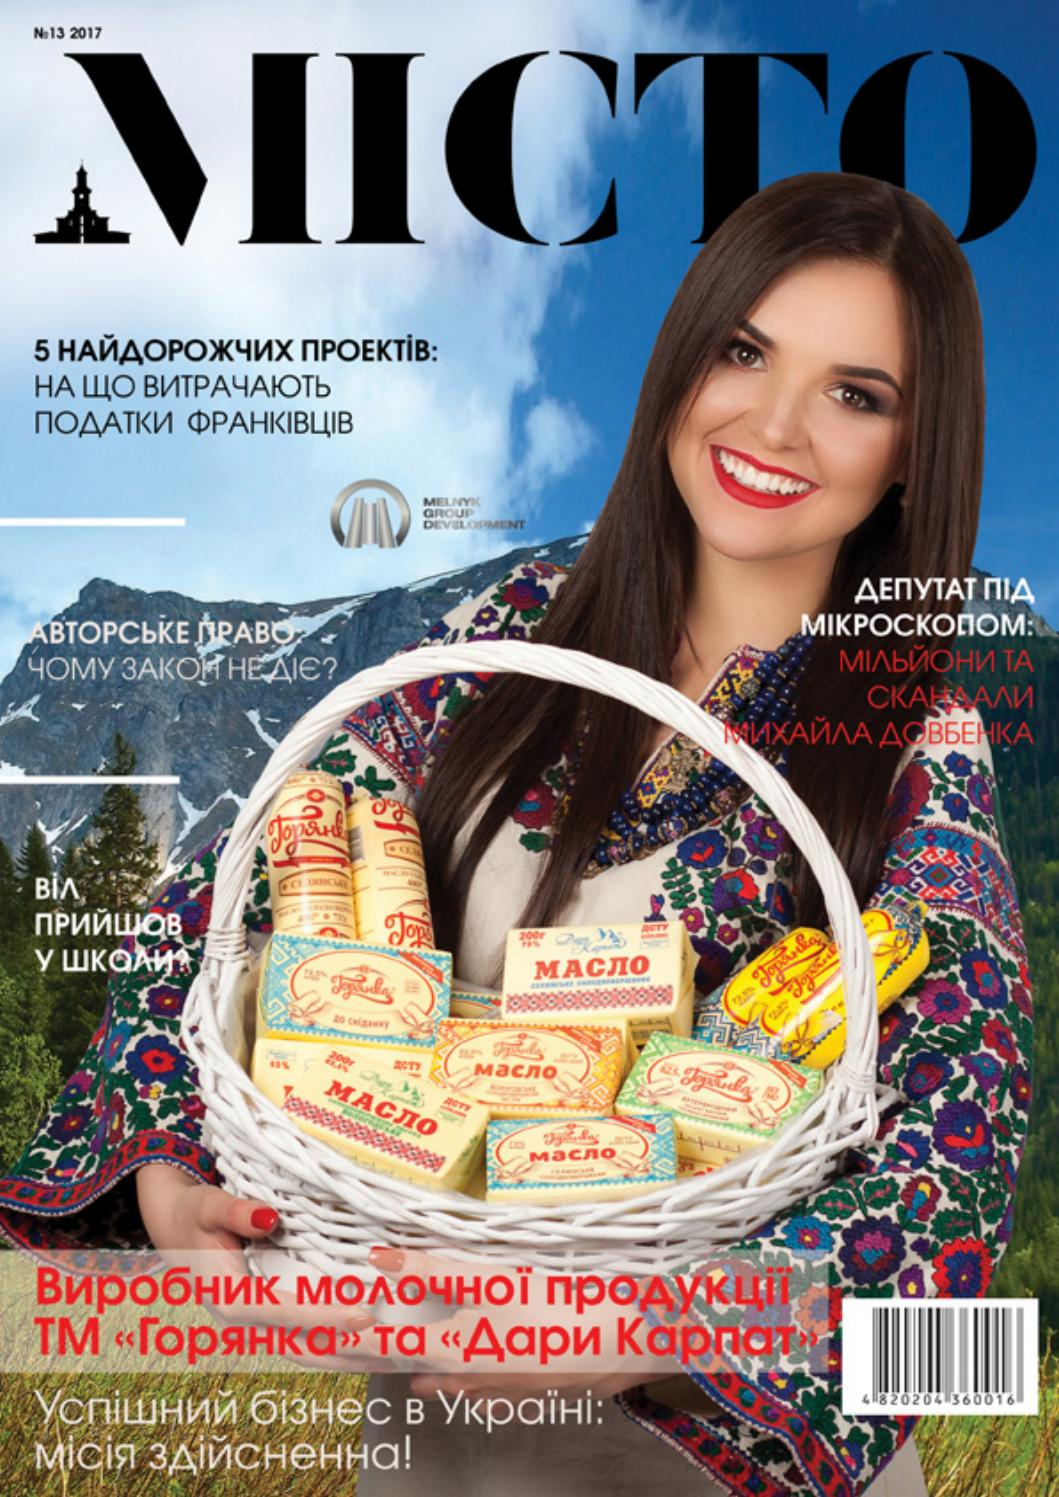 Журнал МІСТО № 13 by Юлія - issuu 9c4af675e7675